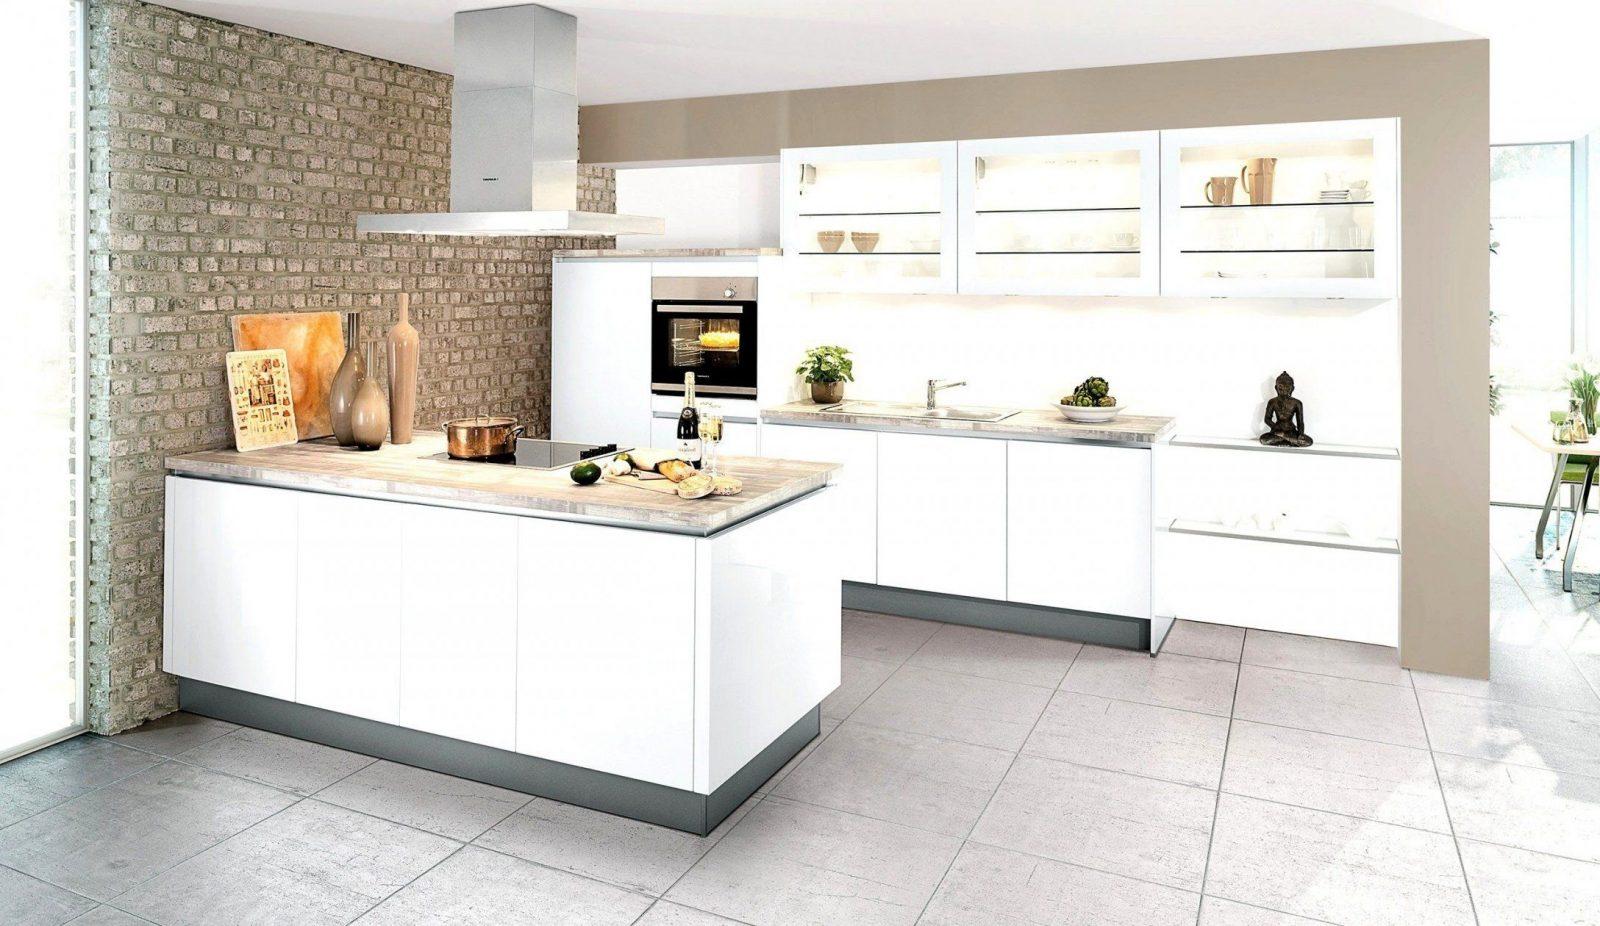 Eckschrank Küche Selber Bauen Schön Tolle Küchen Vorratsschrank von Eckschrank Küche Selber Bauen Bild